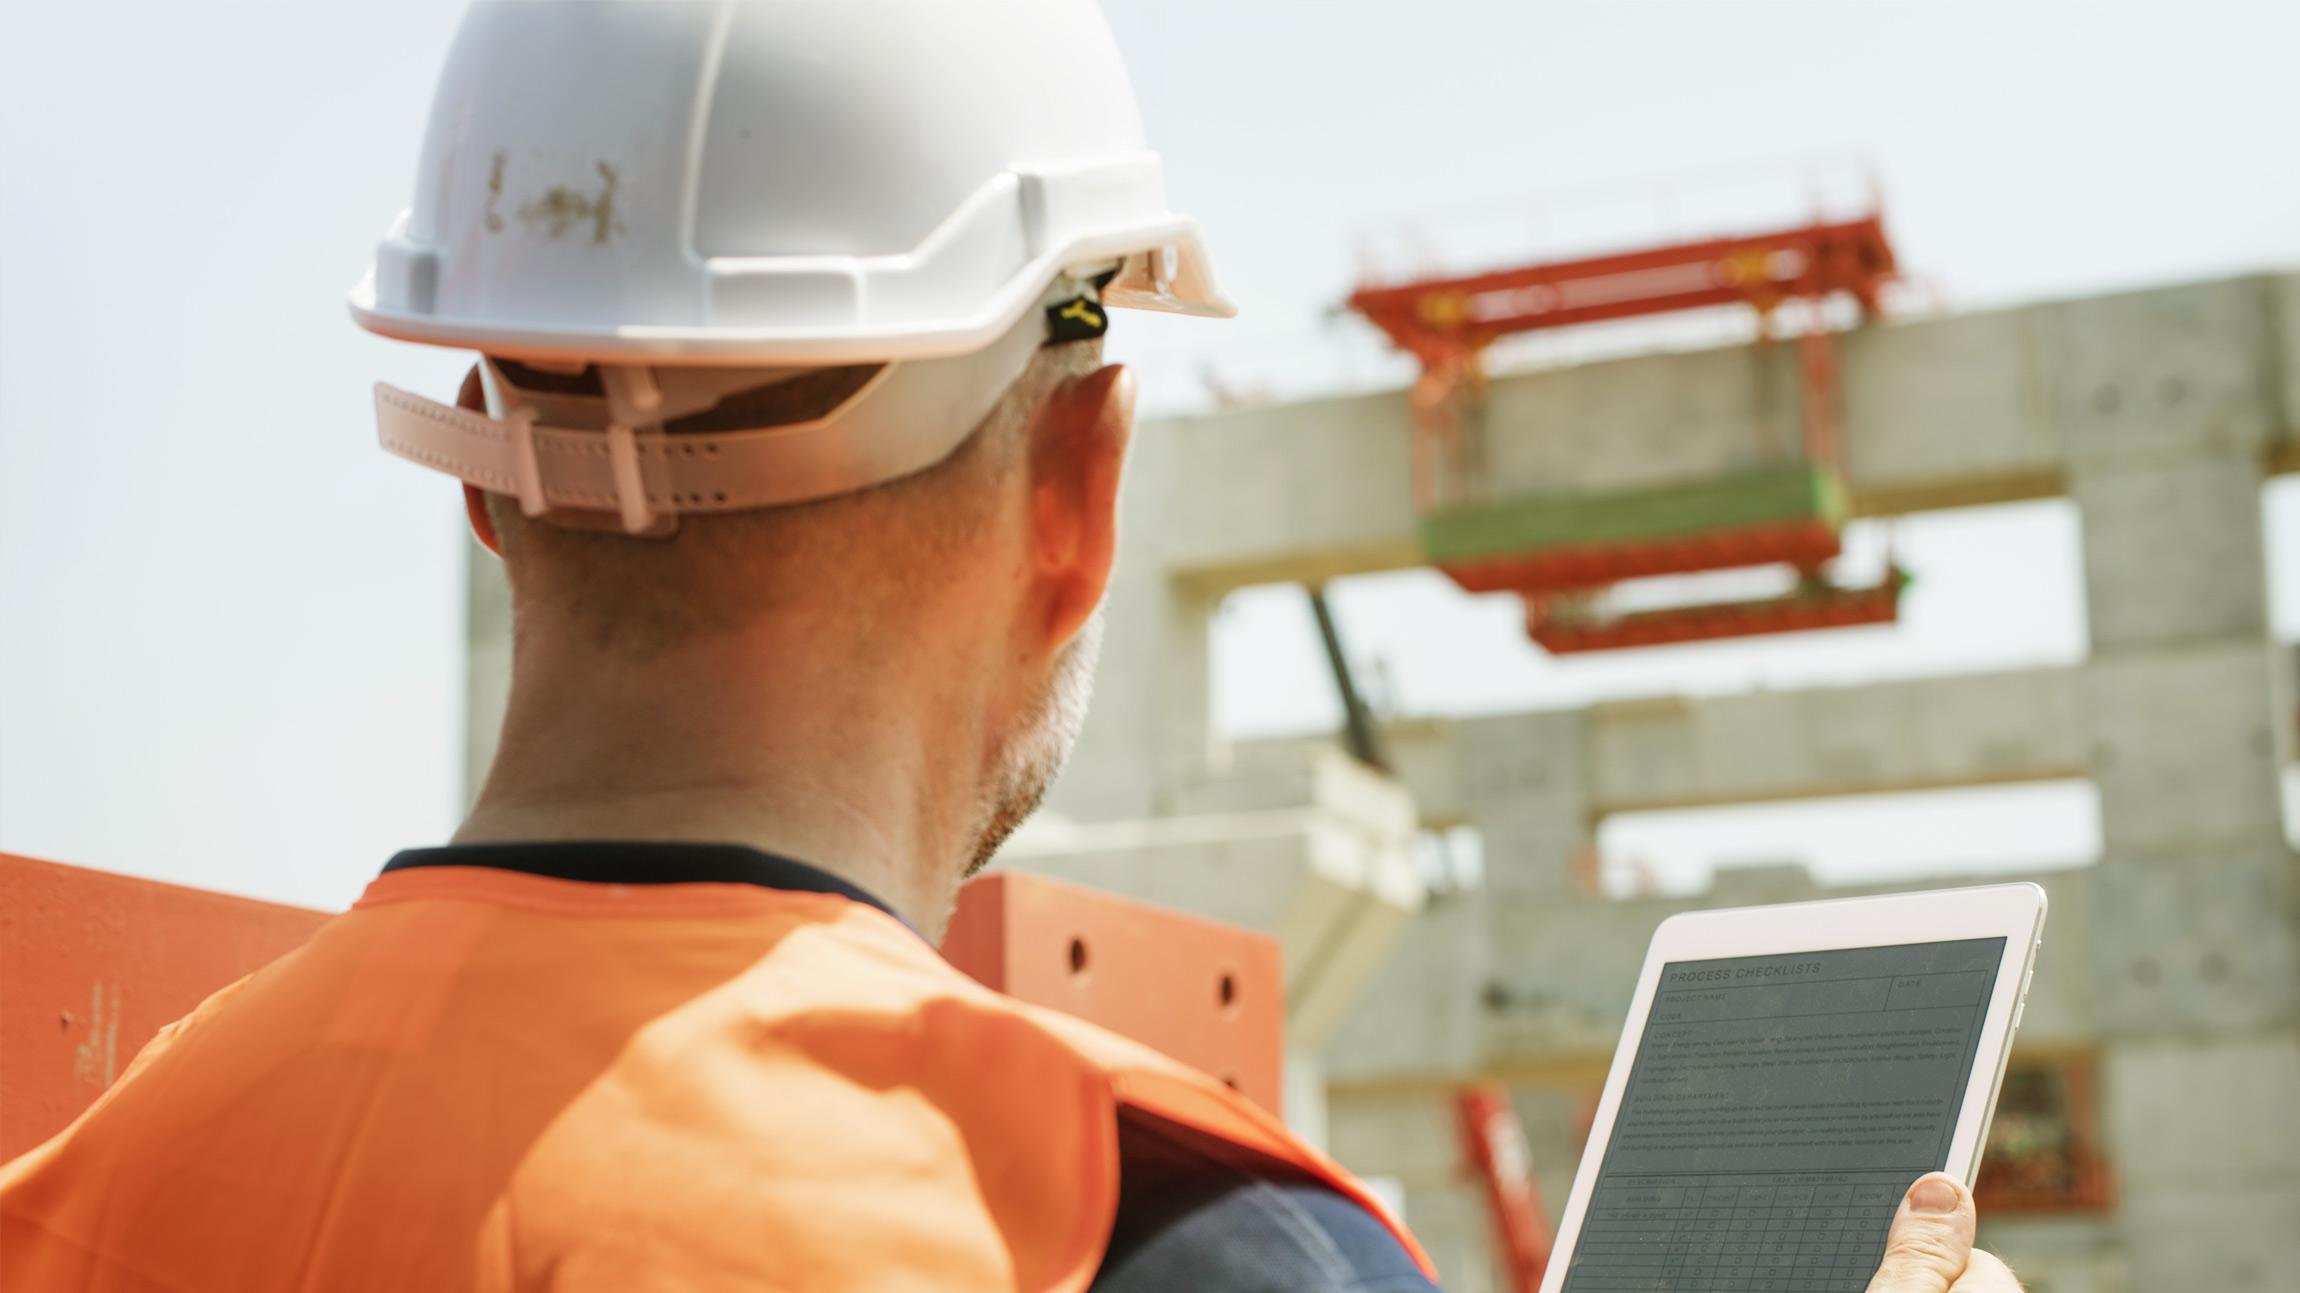 Enersense rakennusala talonrakennuksen, maanrakennuksen ja talotekniikan (LVIS) alat sekä työnjohtotehtävät ja toimihenkilötehtävät